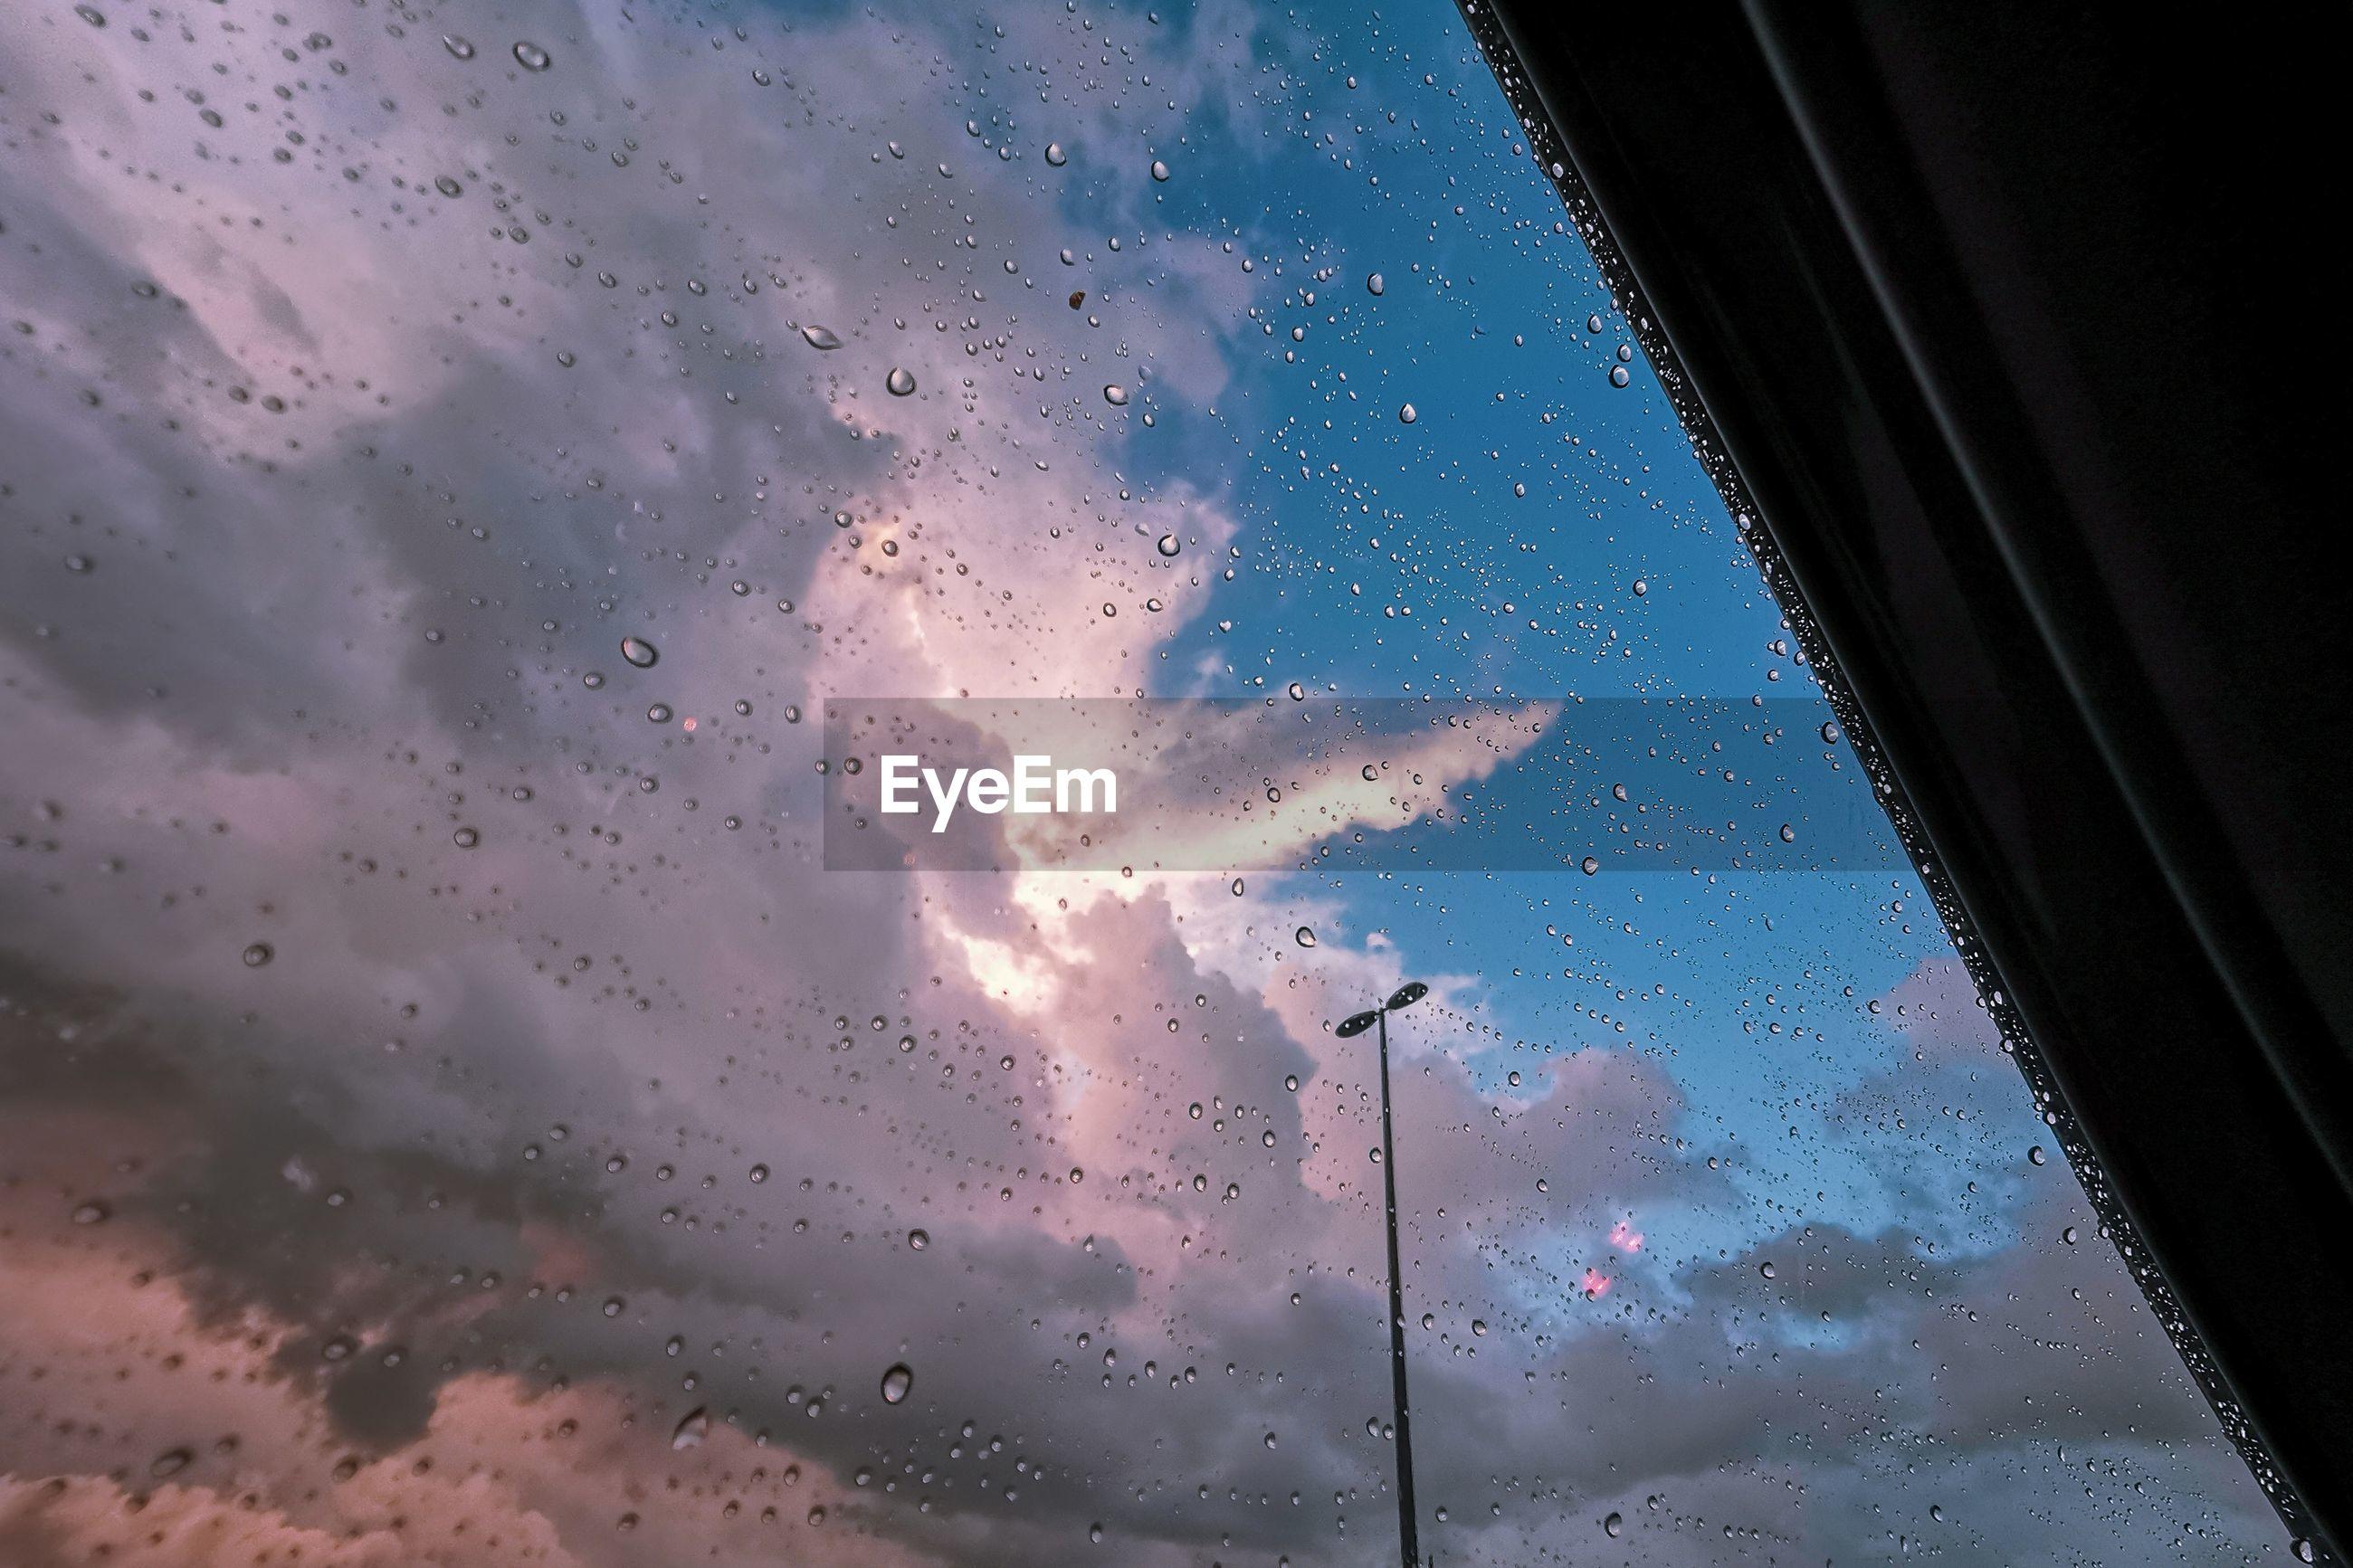 Sky seen through wet glass window